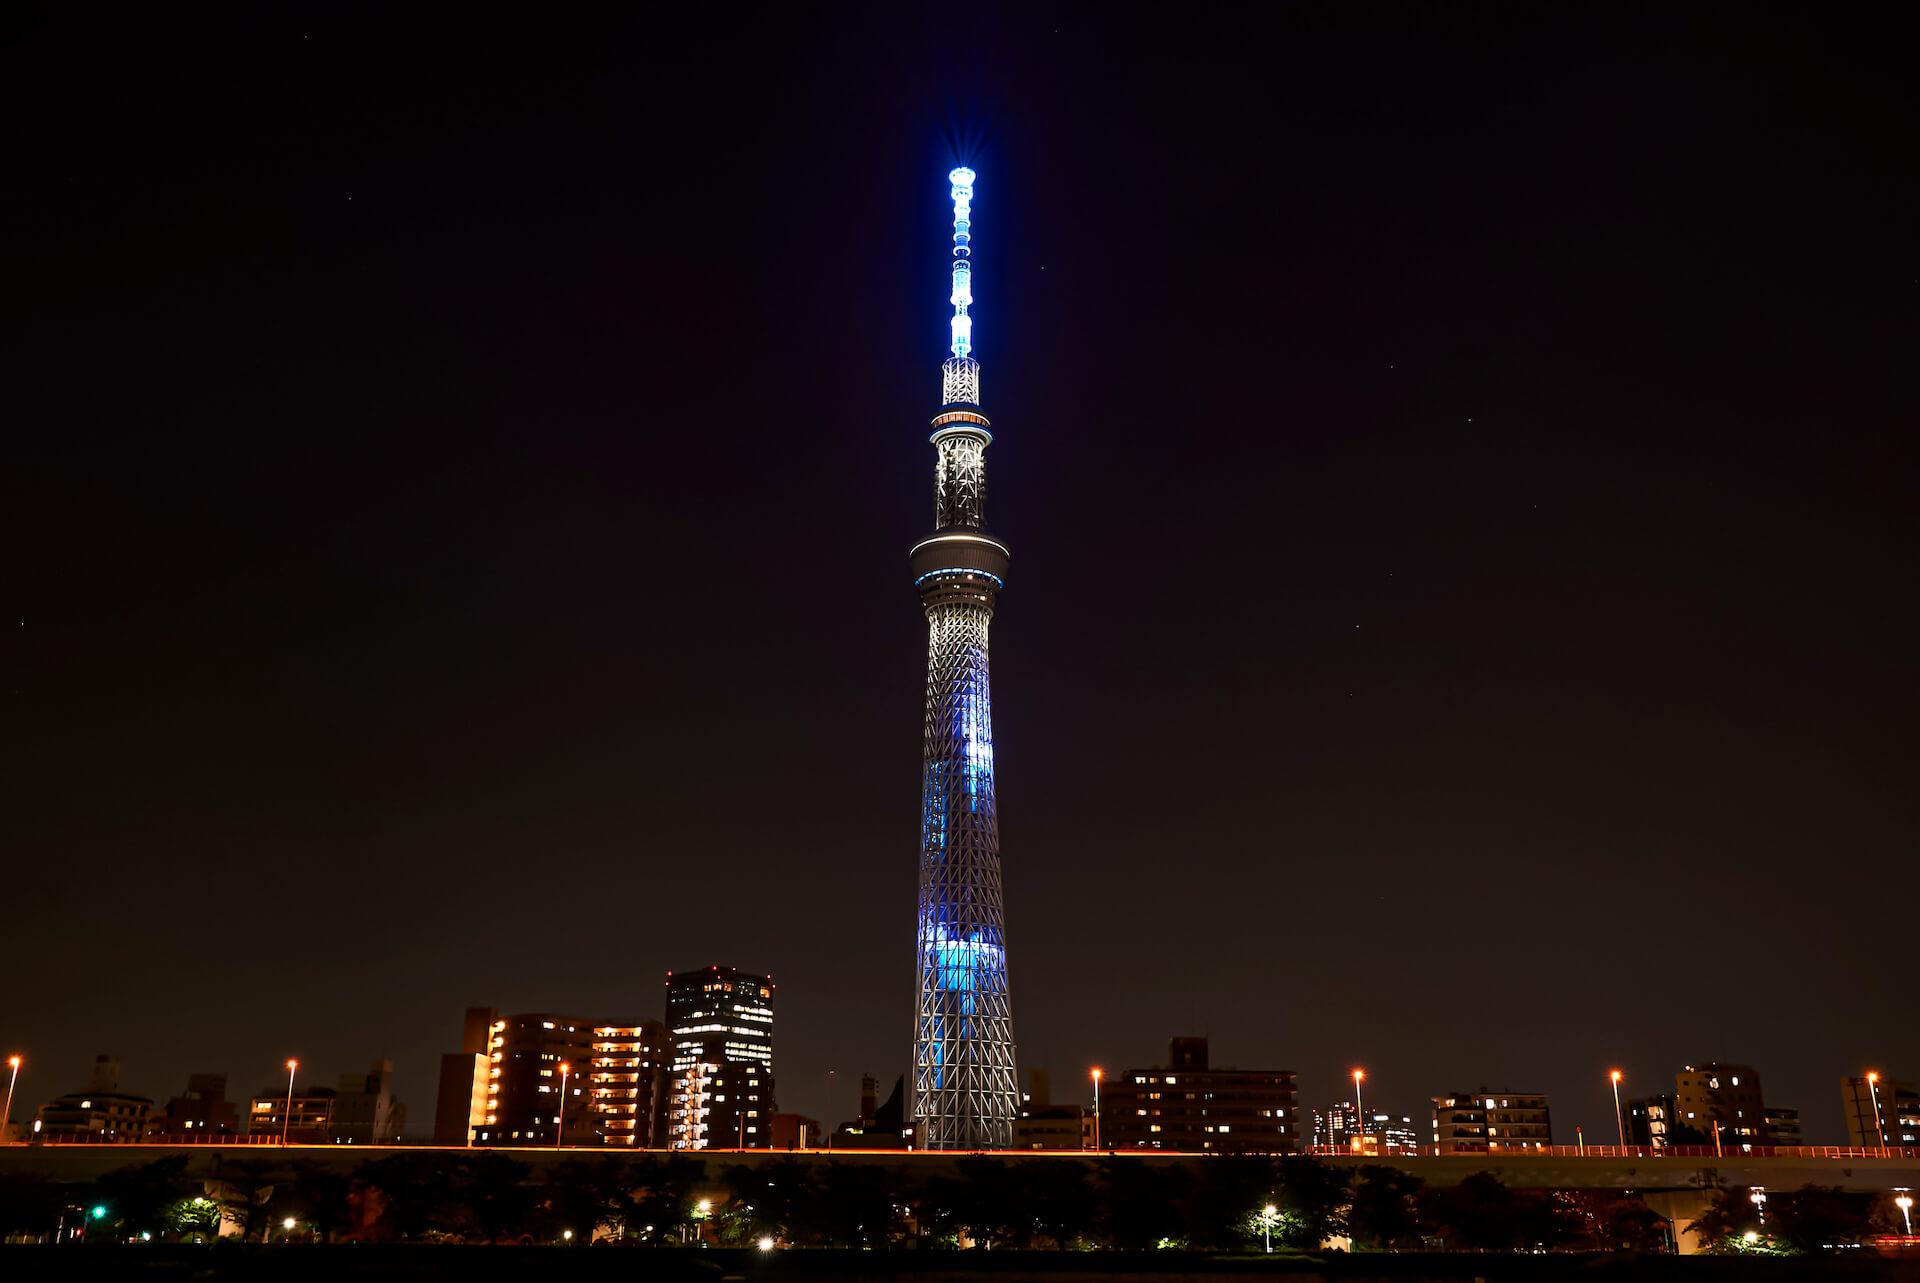 米津玄師ニューシングル『Pale Blue』発売記念で東京スカイツリーの特別ライティング&展望台でのMV上映が決定! music210611_yonezukenshi_5